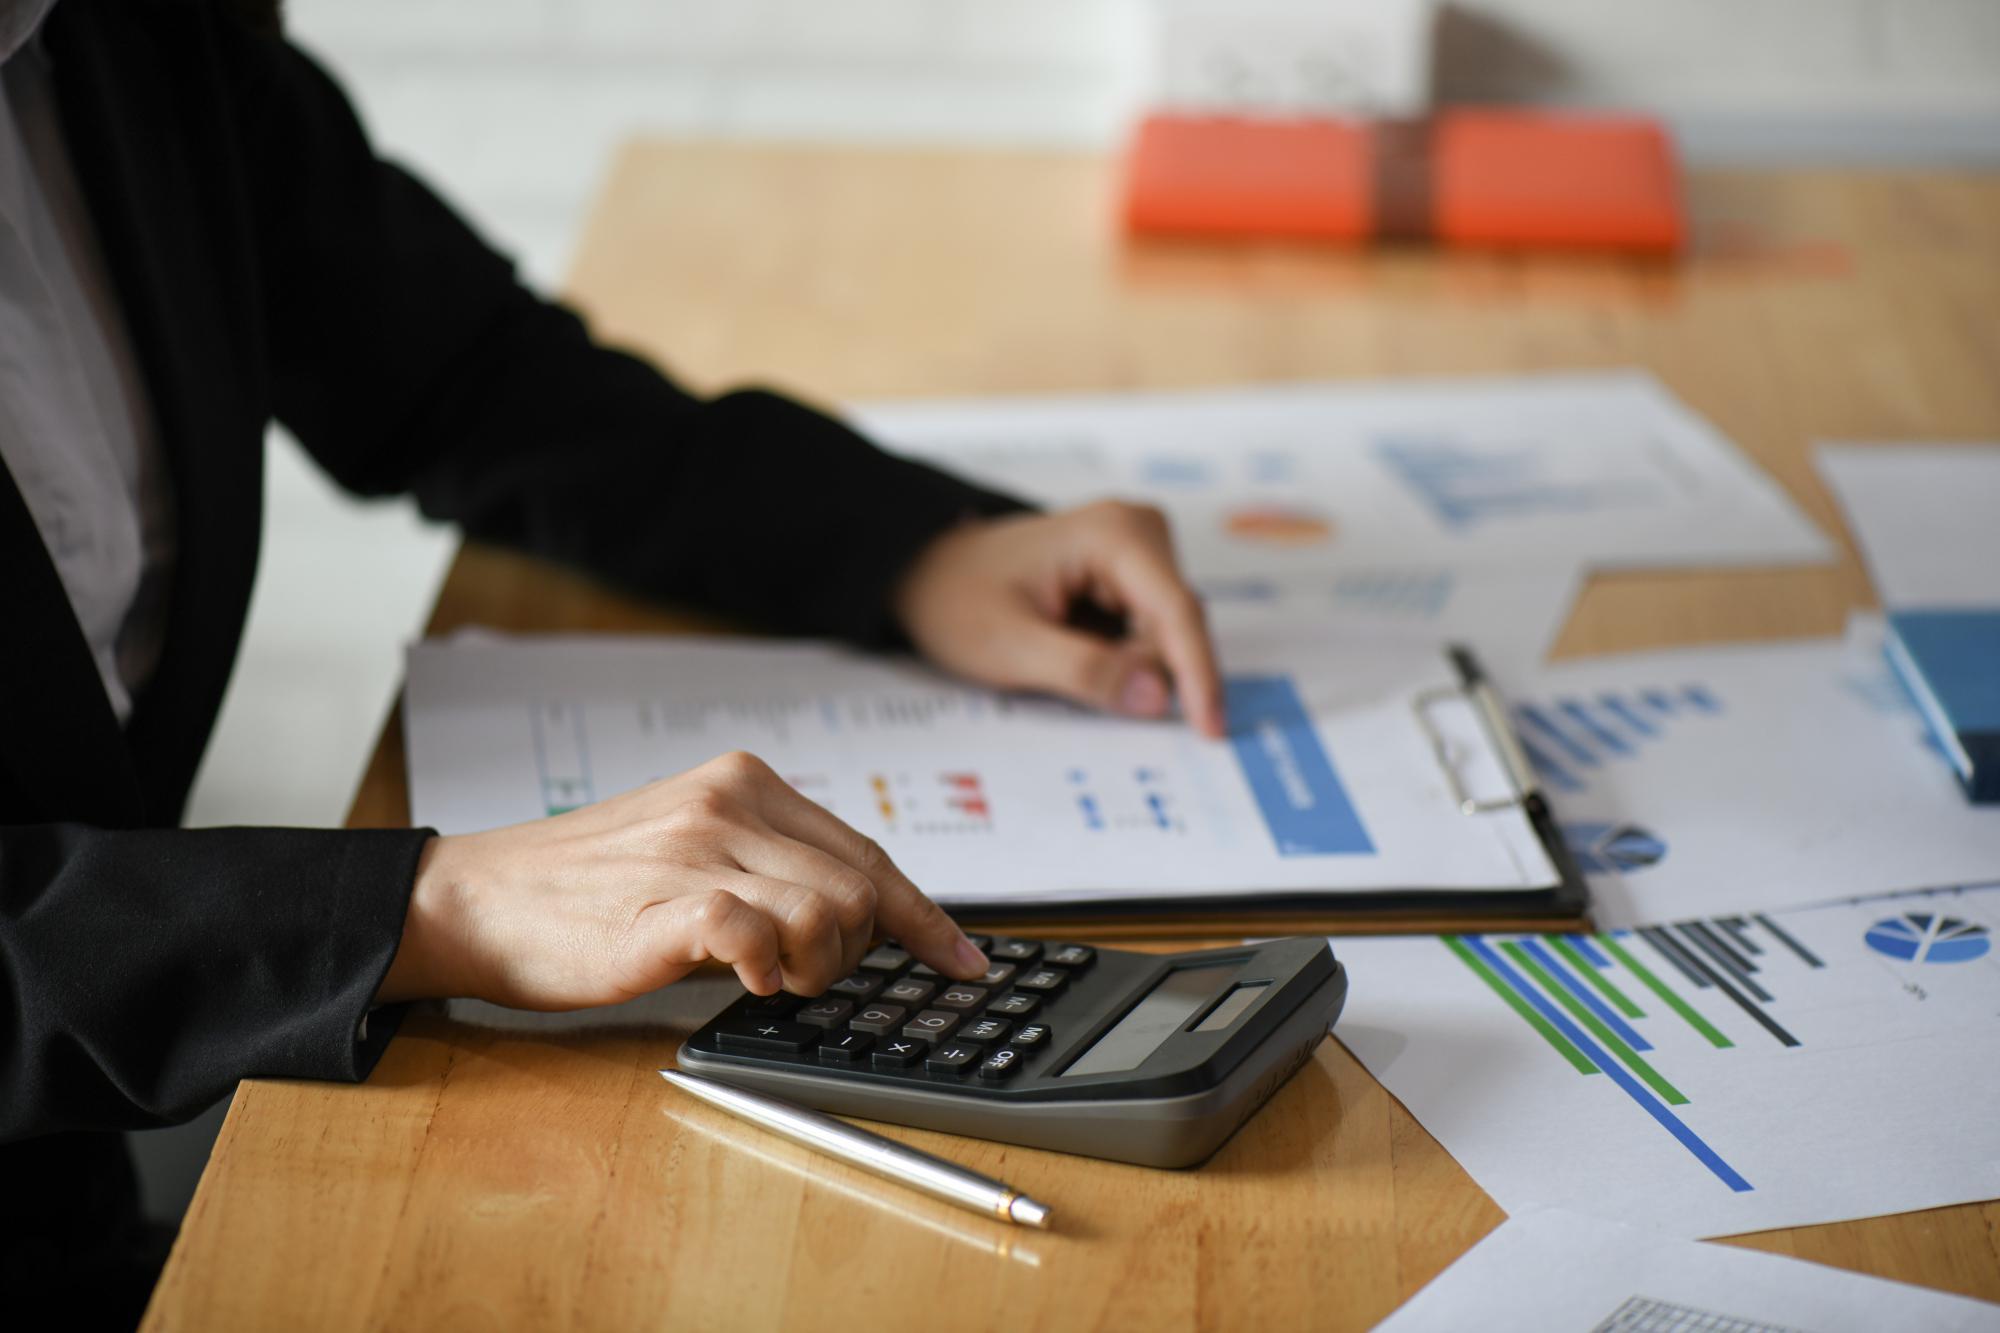 ФНС России сообщает об изменениях в порядке предоставления имущественных налоговых вычетов